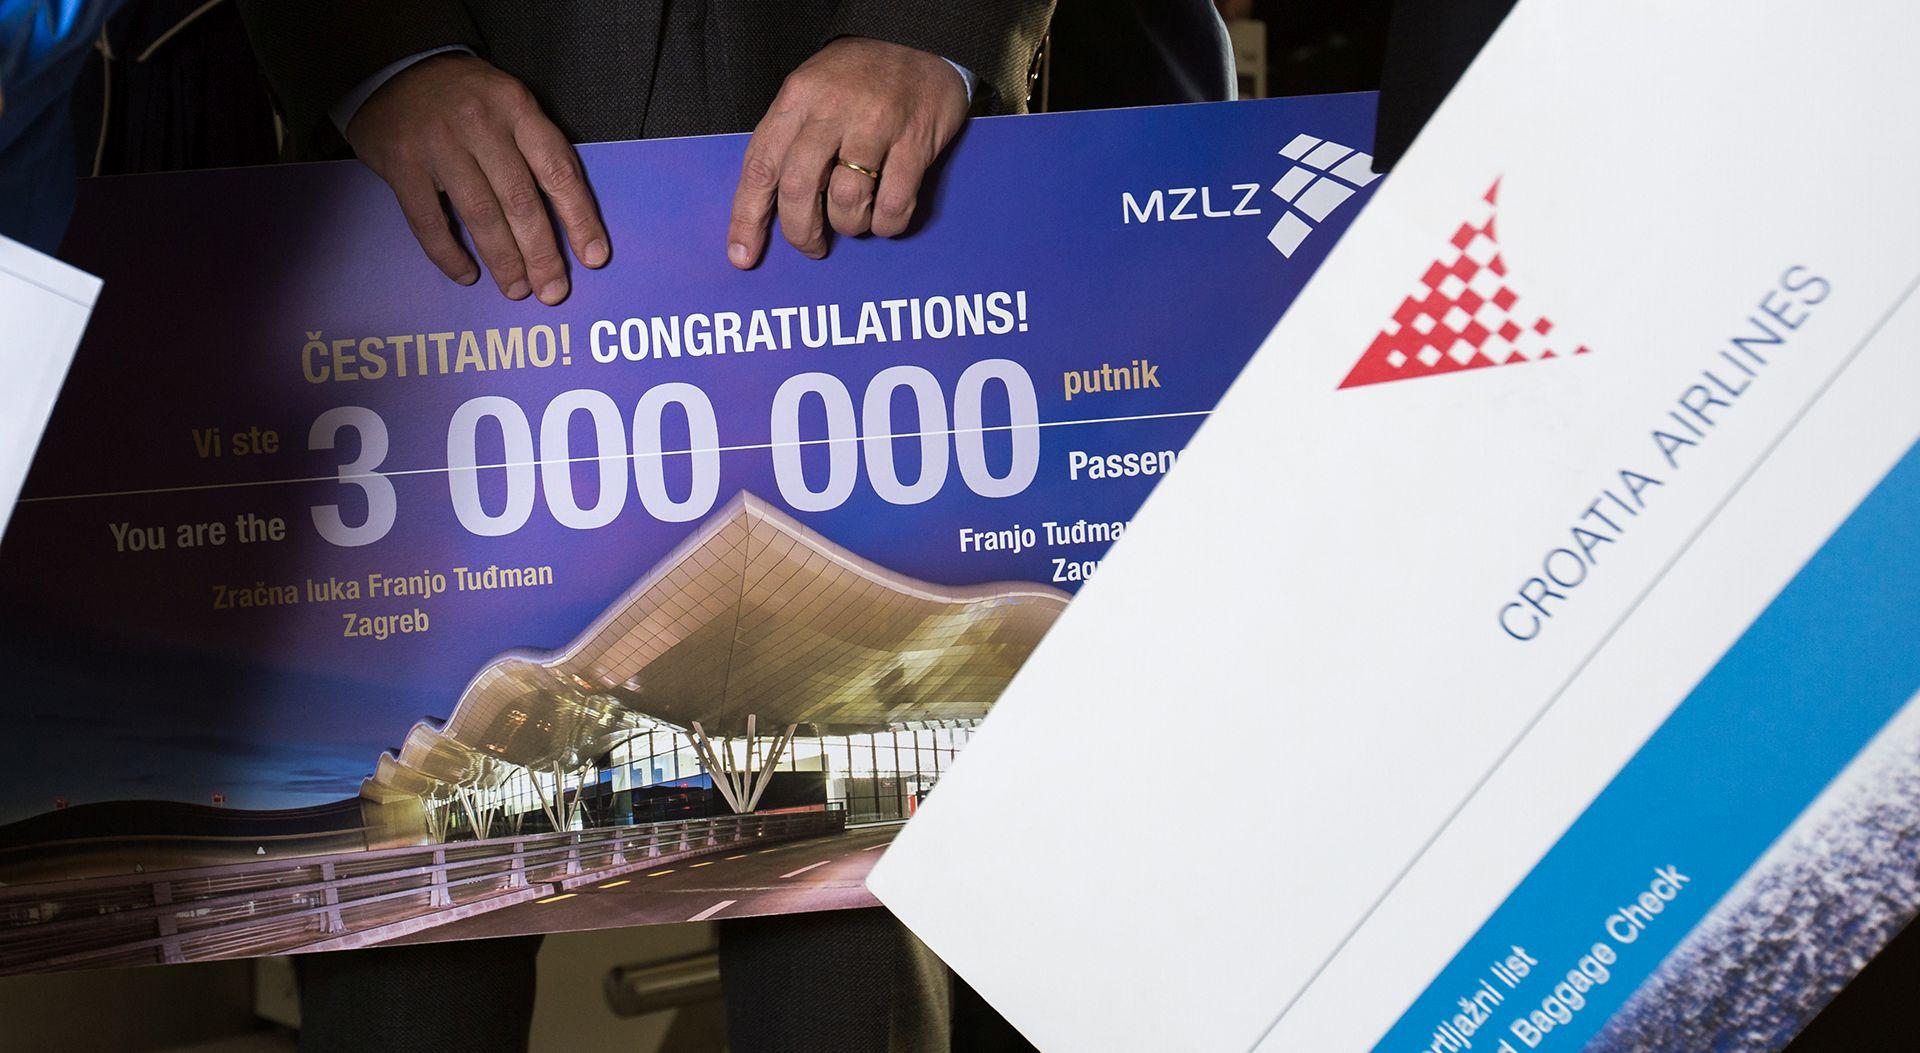 FOTO: Zračna luka Franjo Tuđman bilježi tromilijuntog putnika